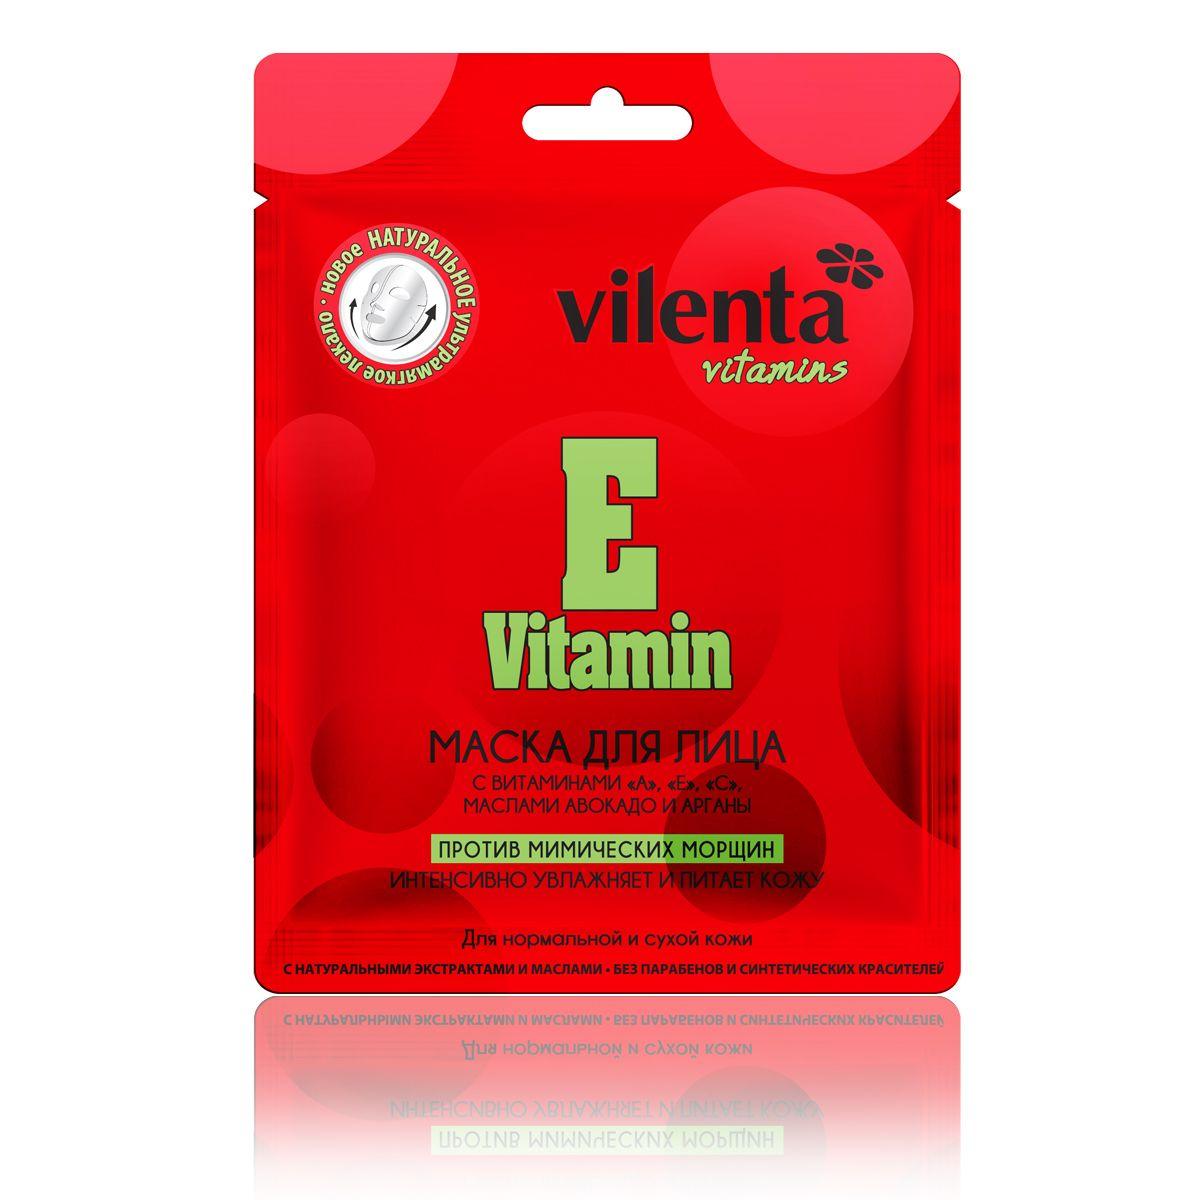 Фото - Маска косметическая Vilenta Маска для лица Vitamin «Е» с витаминами «А», «Е», «С», маслами Авокадо и Арганы vilenta маска для лица vitamin е с витаминами а е с маслами авокадо и арганы 28 мл